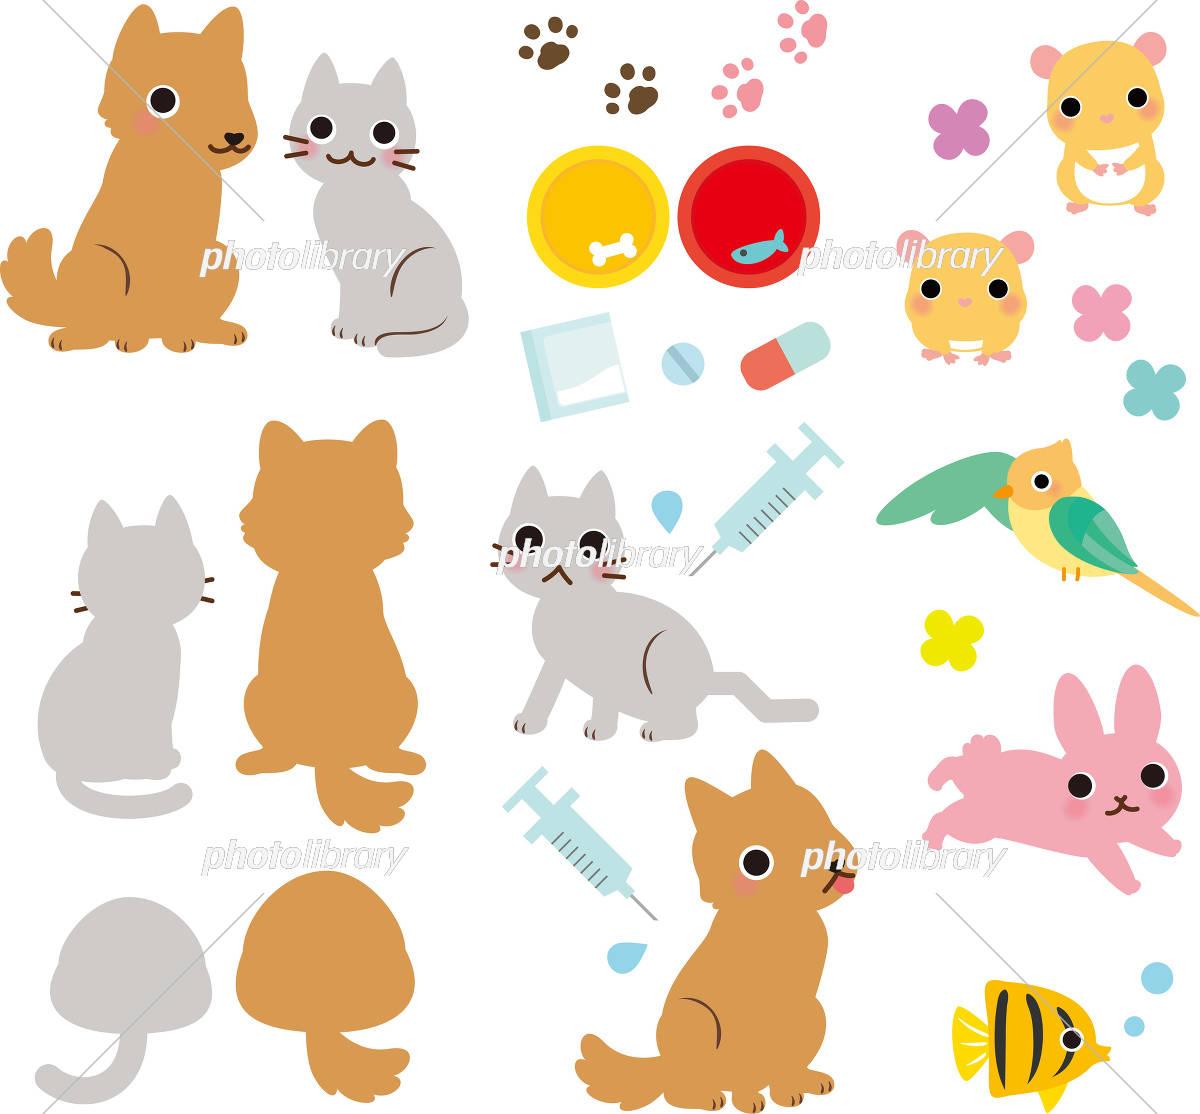 ペット 小動物 正面 後ろ姿 コピースペース イラスト素材 3892049